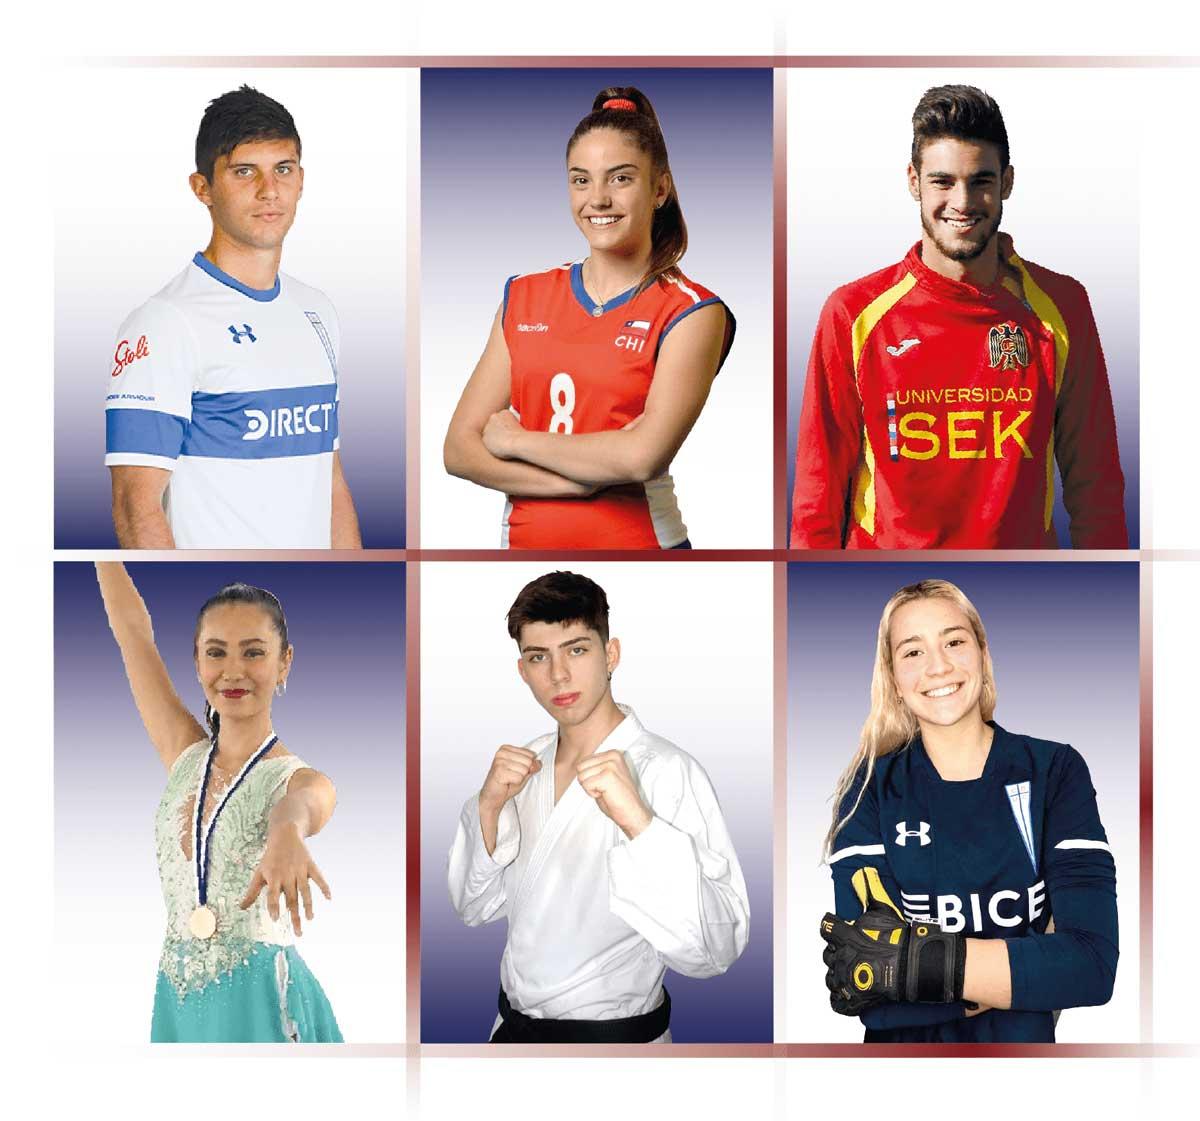 estudiantes-deportistas